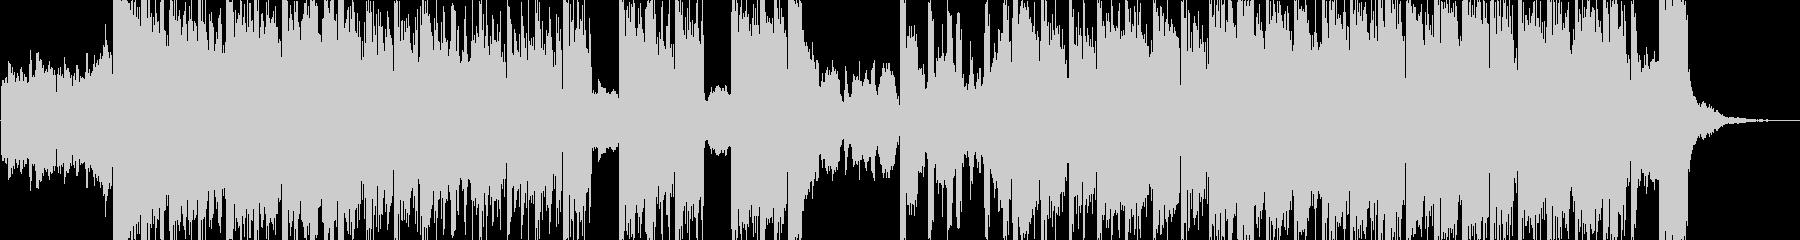 コミカルで音が強烈なハロウィンの未再生の波形